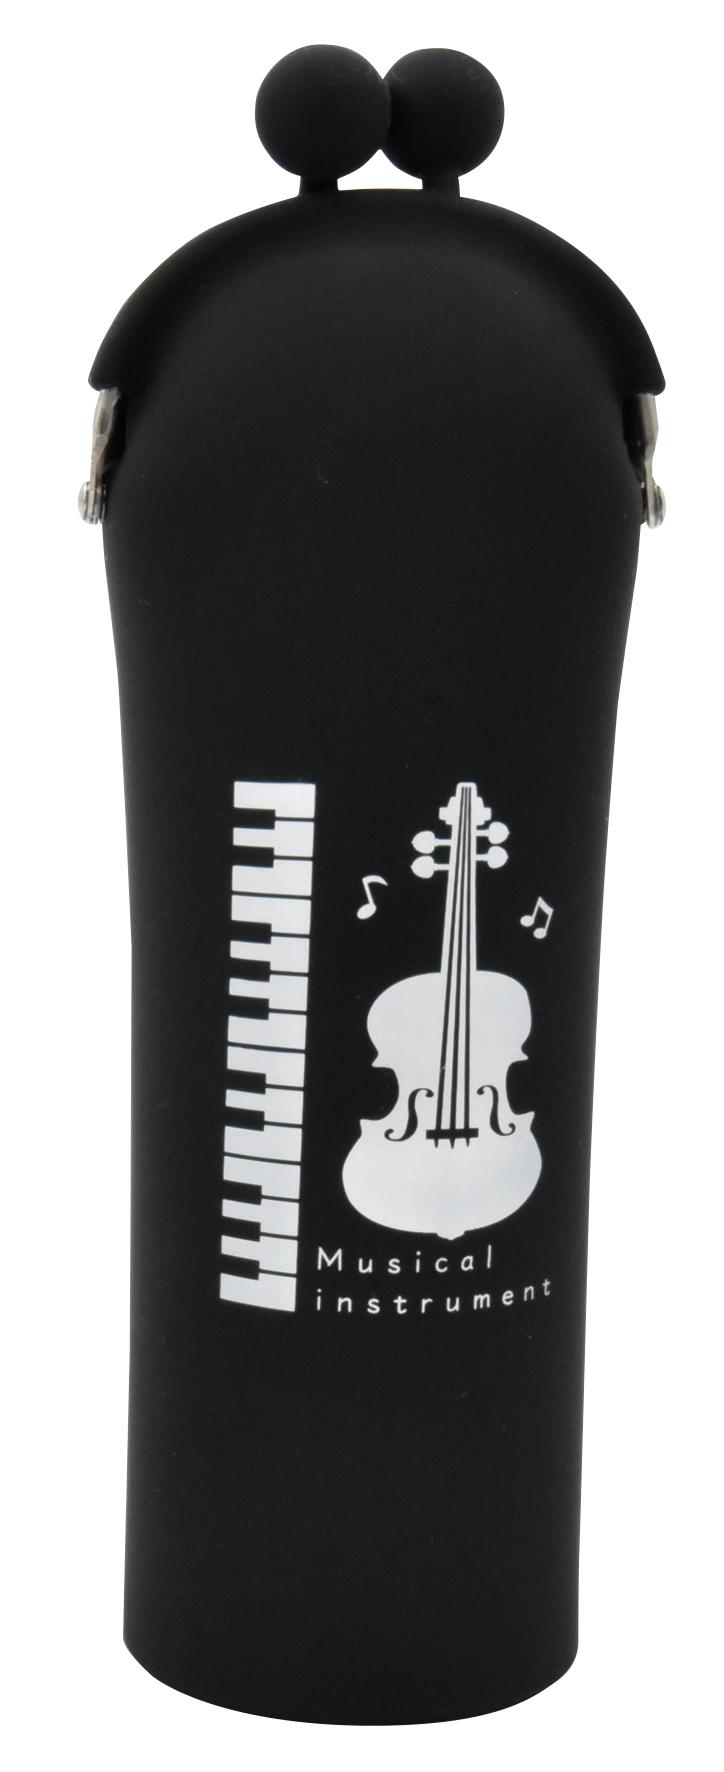 シリコンスタンドケース ※お取り寄せ商品 引き出物 記念品 音楽雑貨 音符 ピアノモチーフ ト音記号 ピアノ雑貨